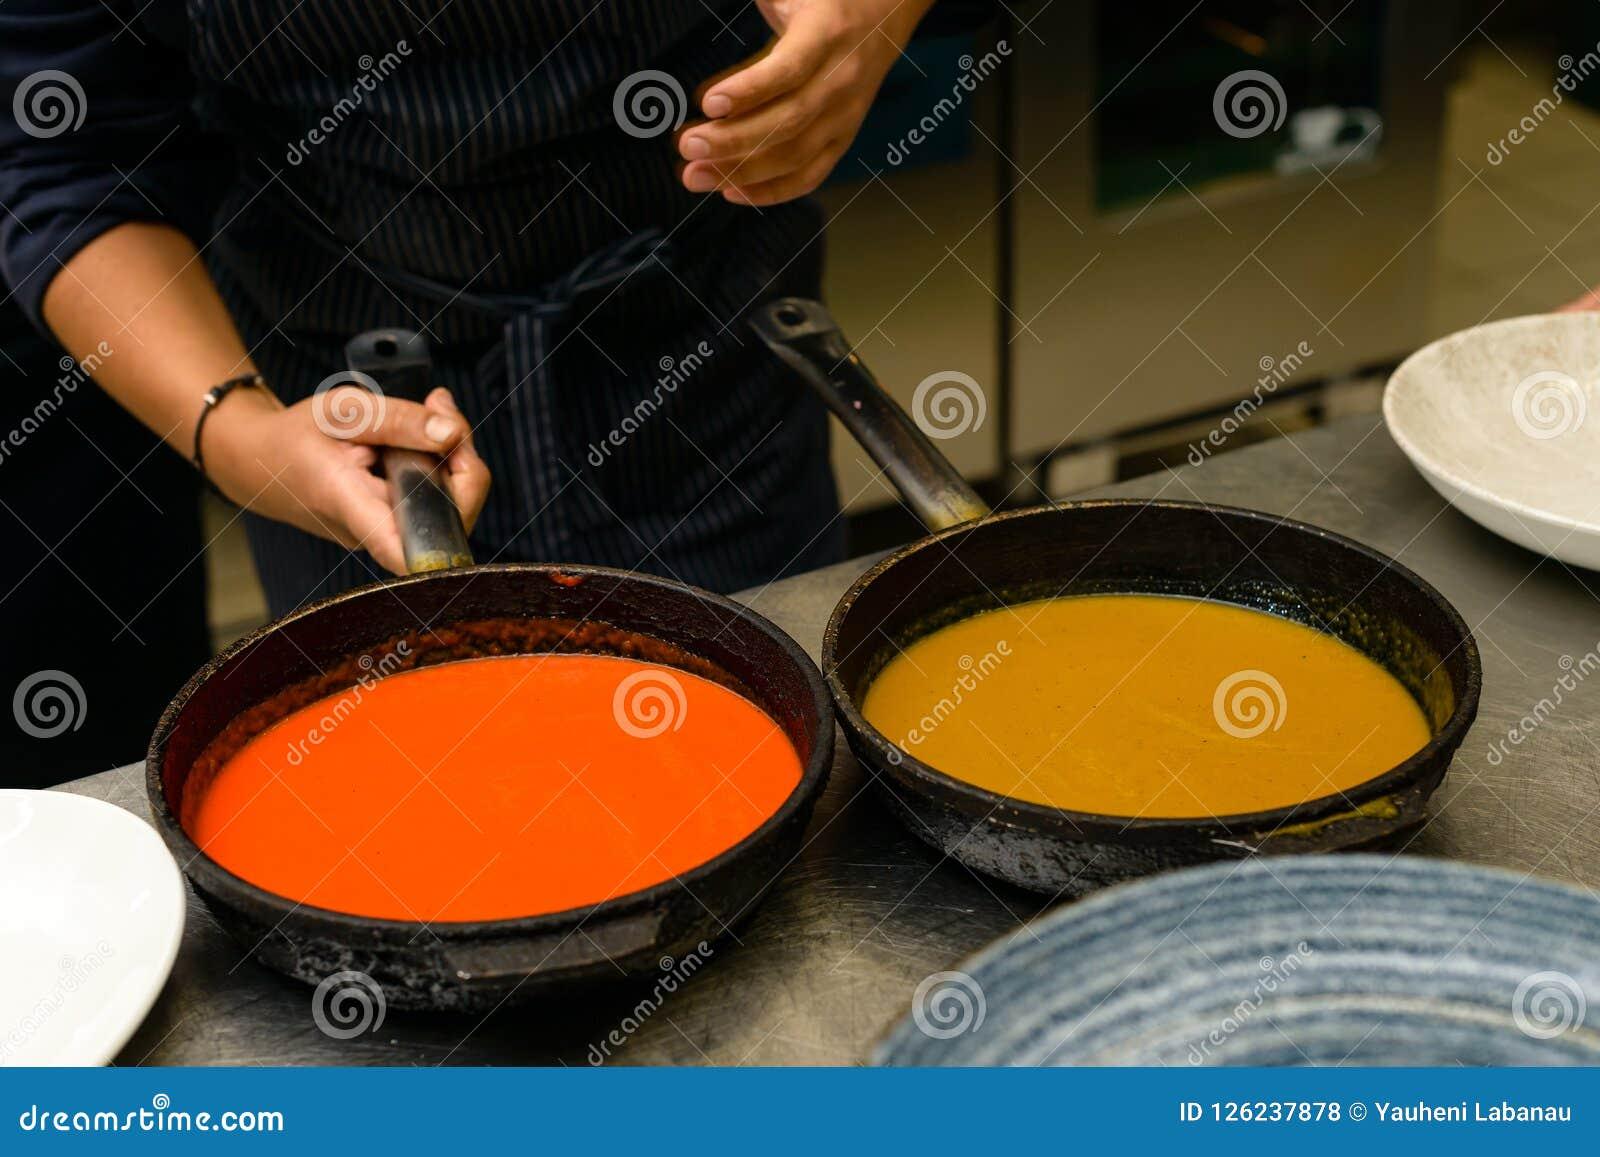 De chef-kokkok bereidt een hete saus in pan voor een heerlijke maaltijd in keukenrestaurant voor